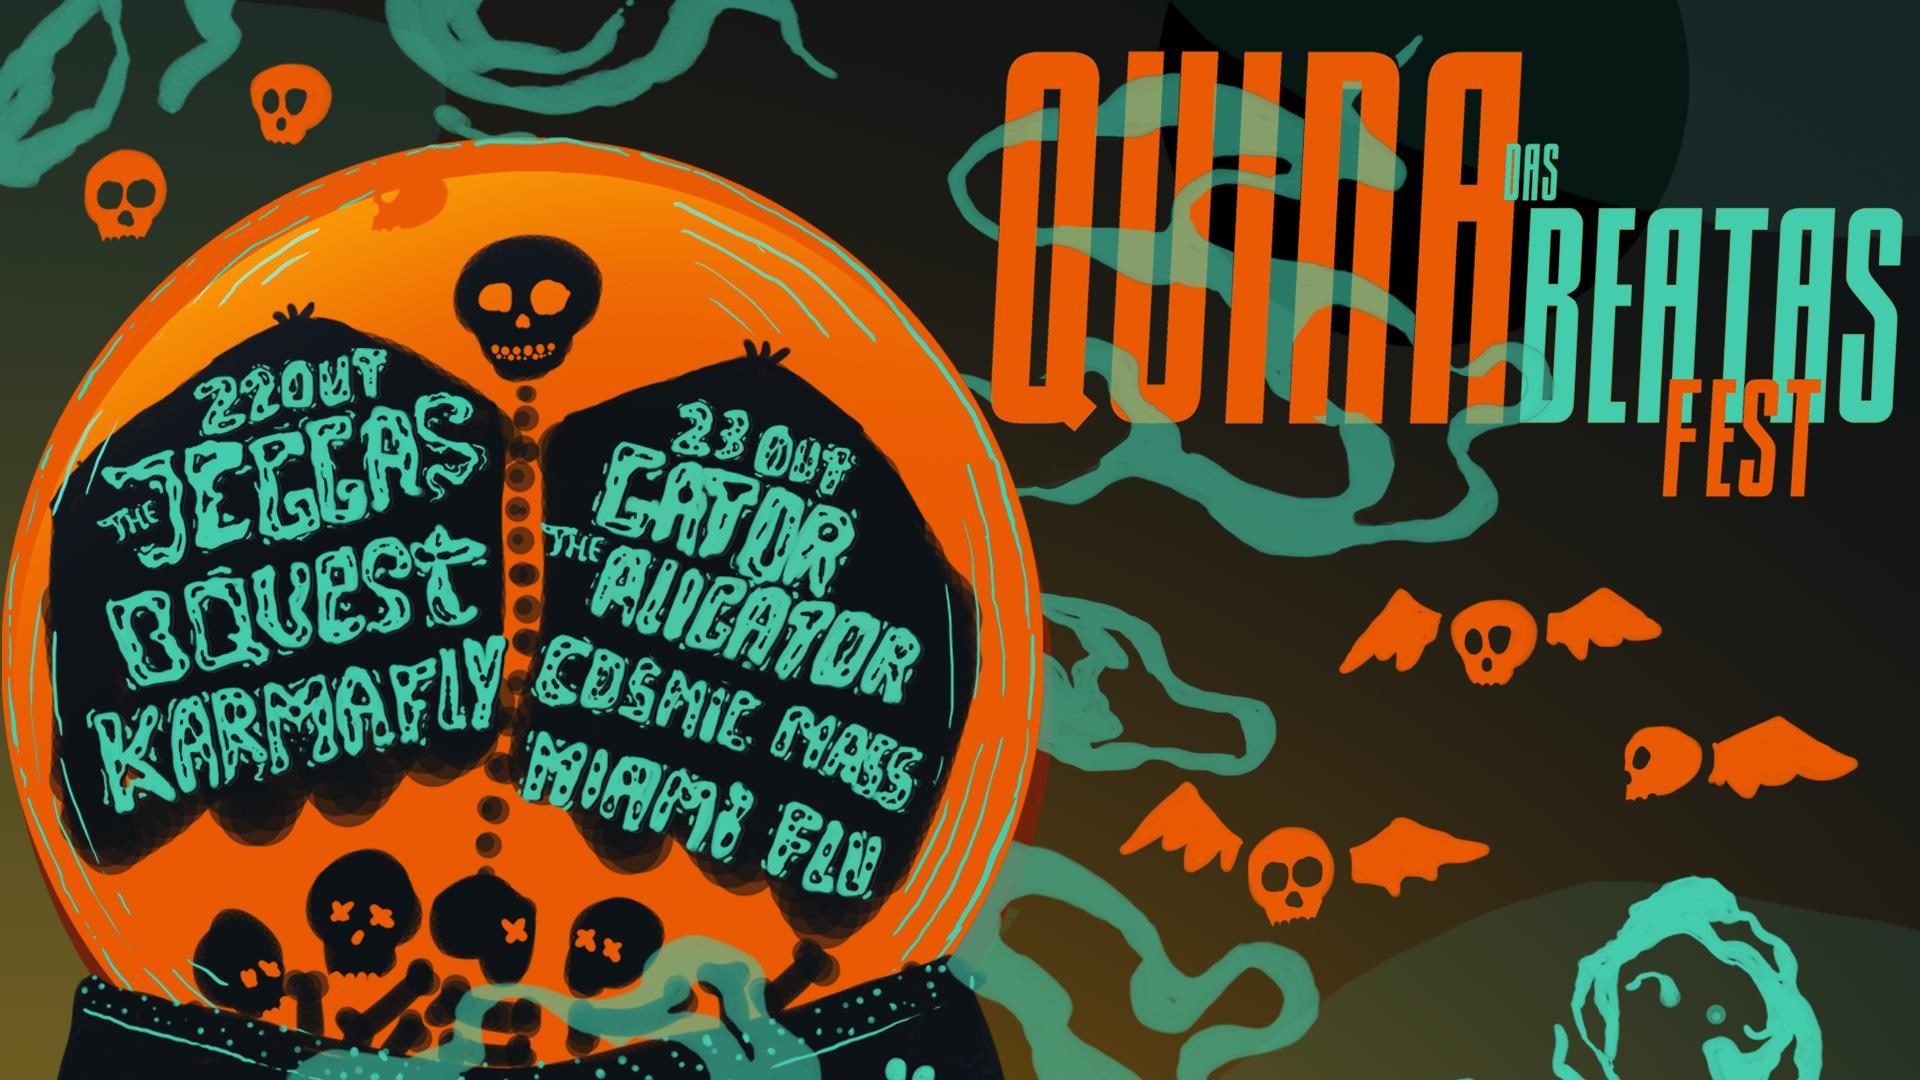 Quina das Beatas Fest :: The Jeggas+ B Quest+ Gator the Alligator+ Cosmic Mass+ Miami Flu